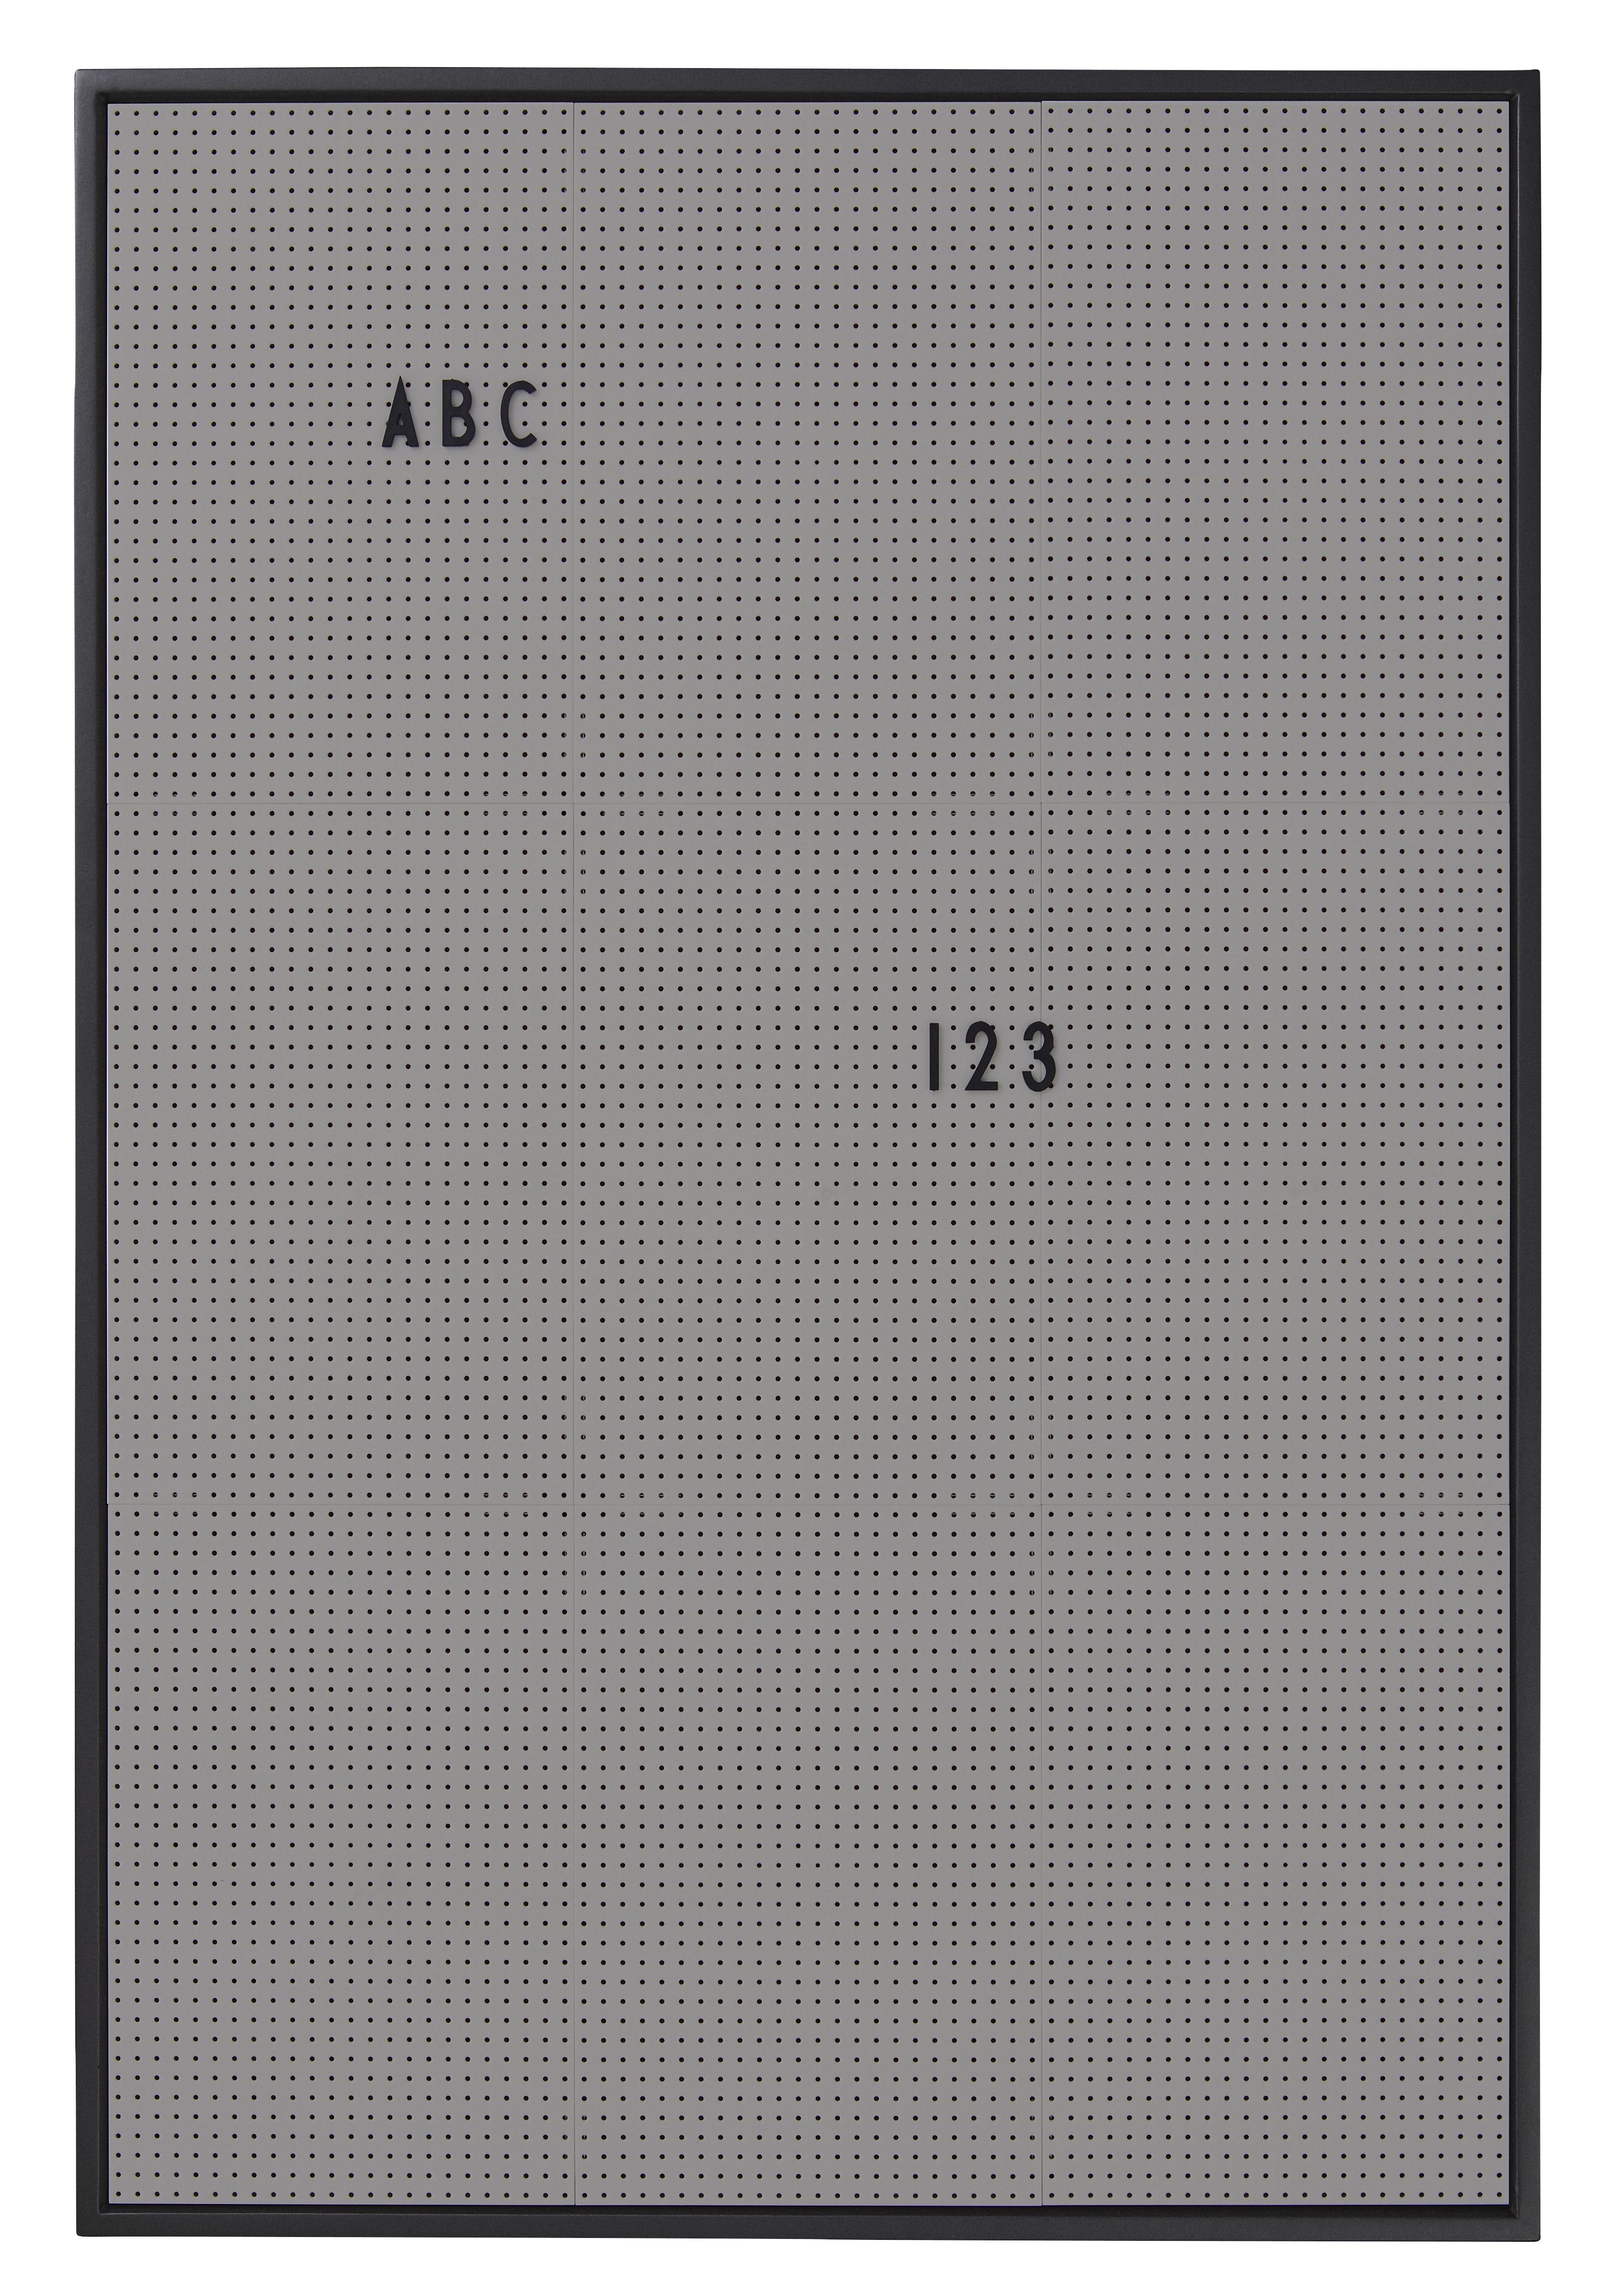 Decoration - Memo Boards & Calendars  - A2 Memo board - / L 42 x H 59 cm by Design Letters - Dark grey - ABS